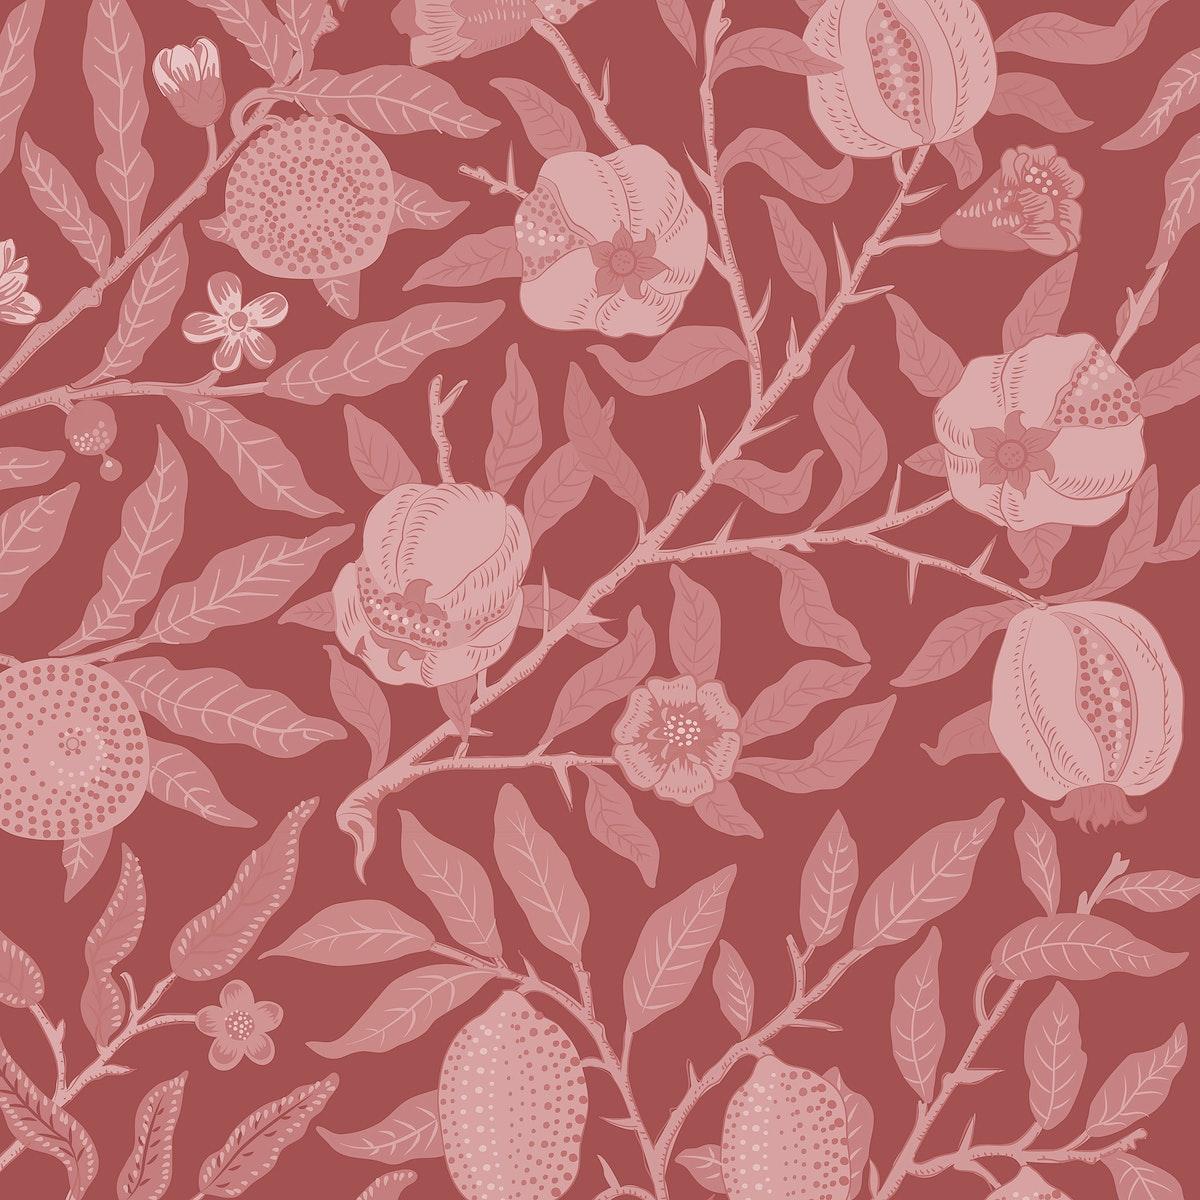 Vintage Illustration of Fruit or Pomegranate